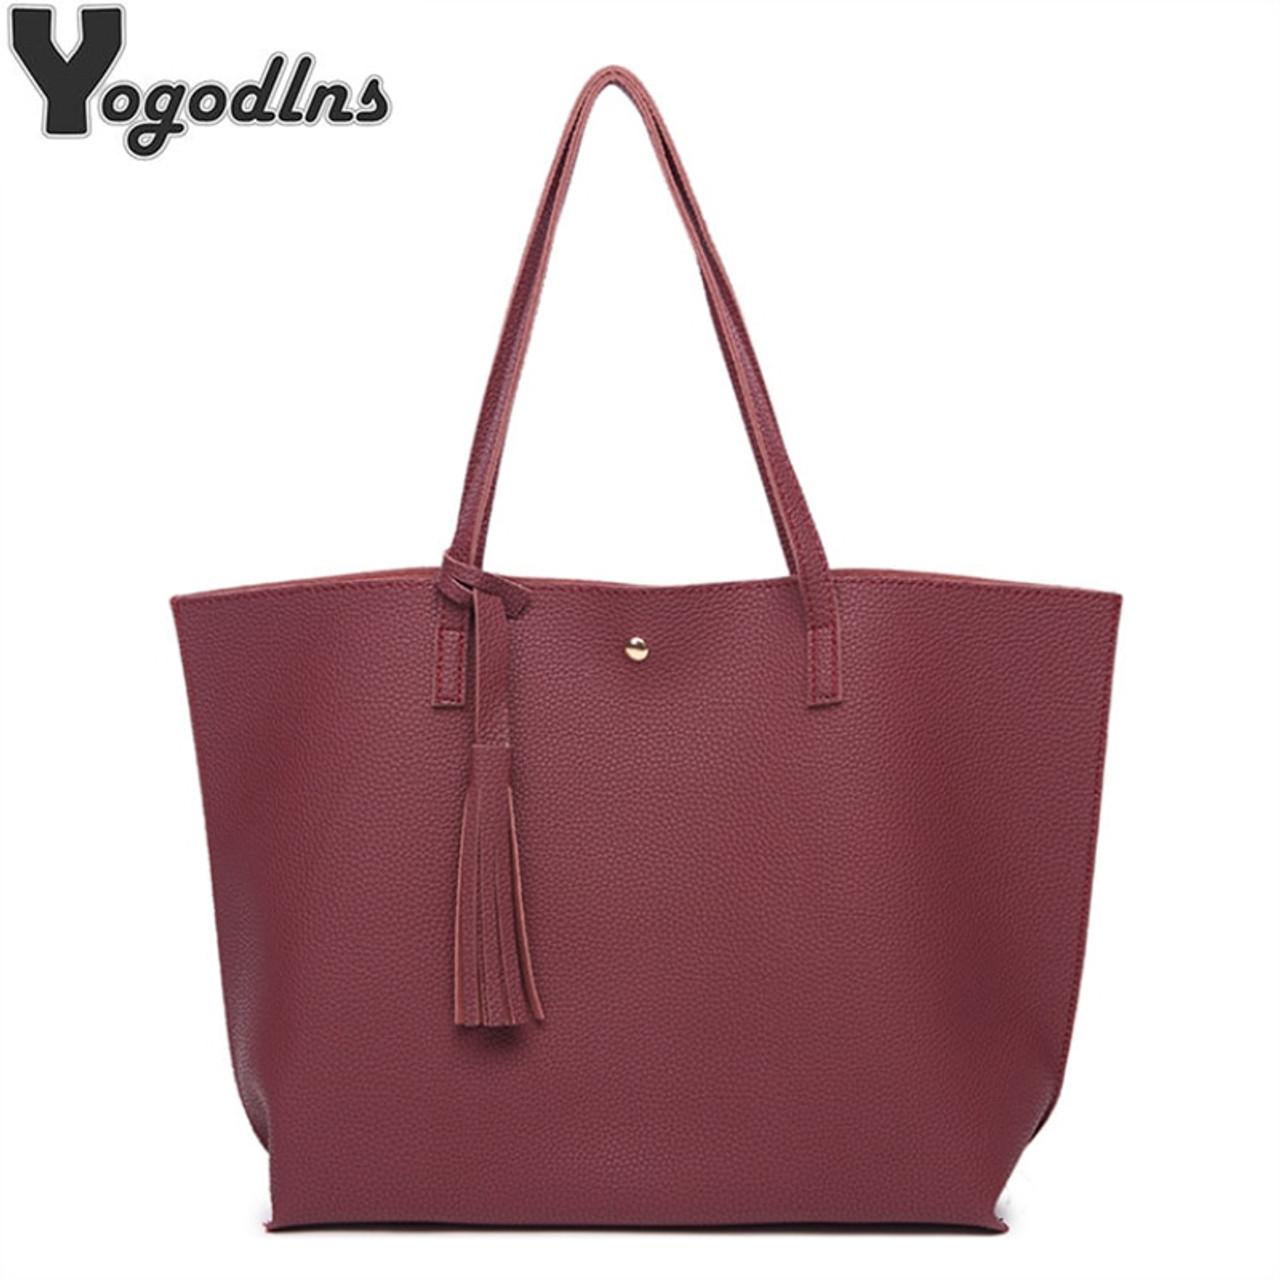 Women Messenger Bags Leather Casual Tassel Handbags Female Designer Bag  Vintage Big Size Tote Shoulder Bag ... b4044230a2381